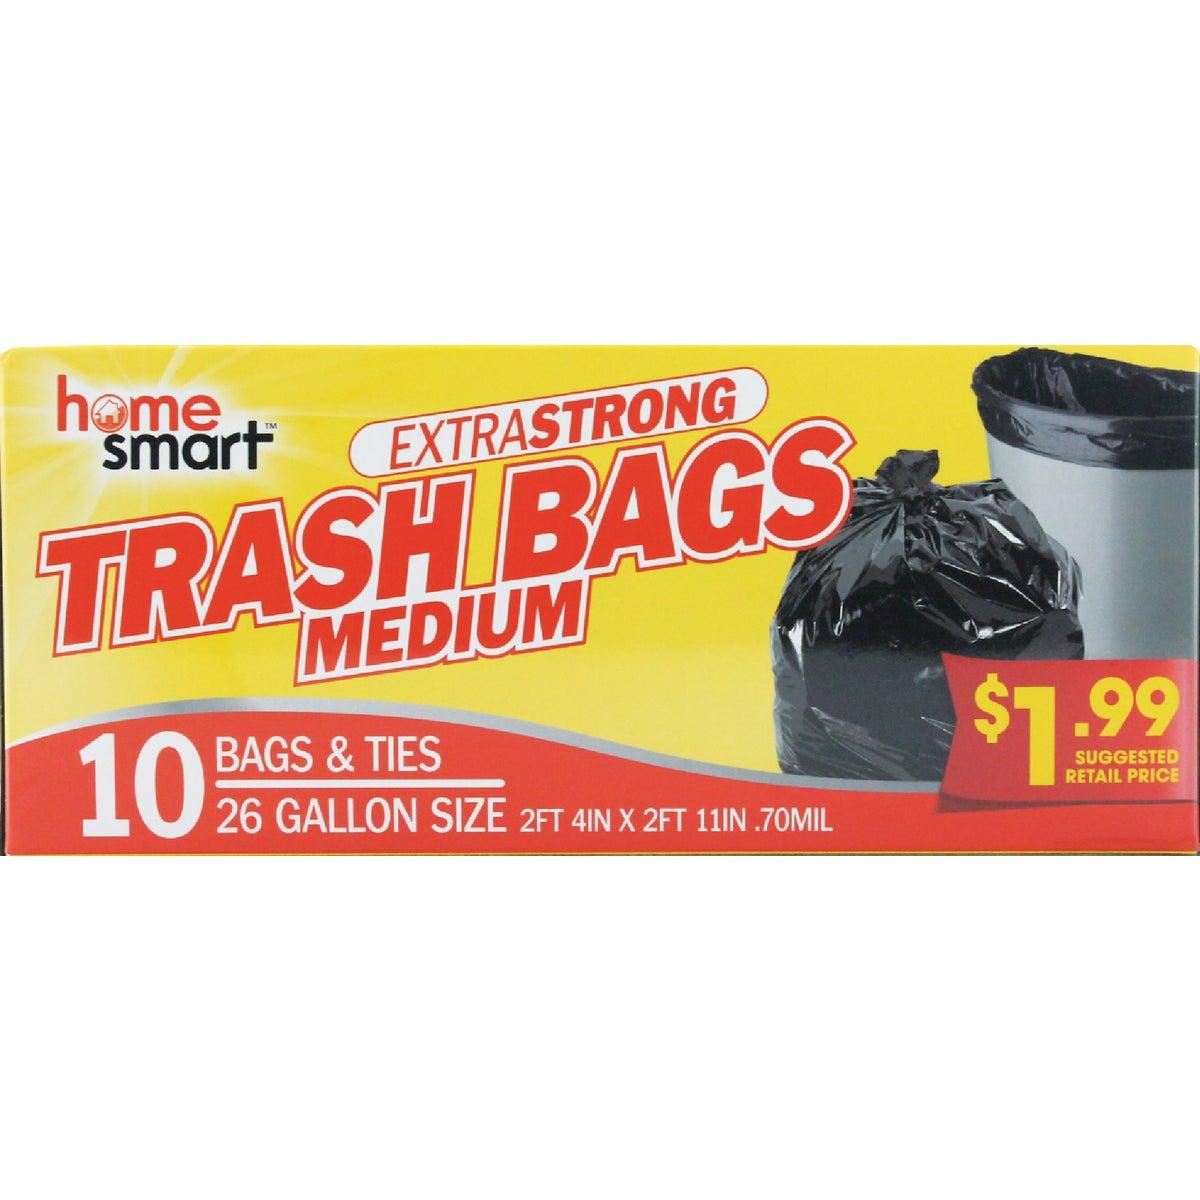 8CT 30GAL TRASH BAGS